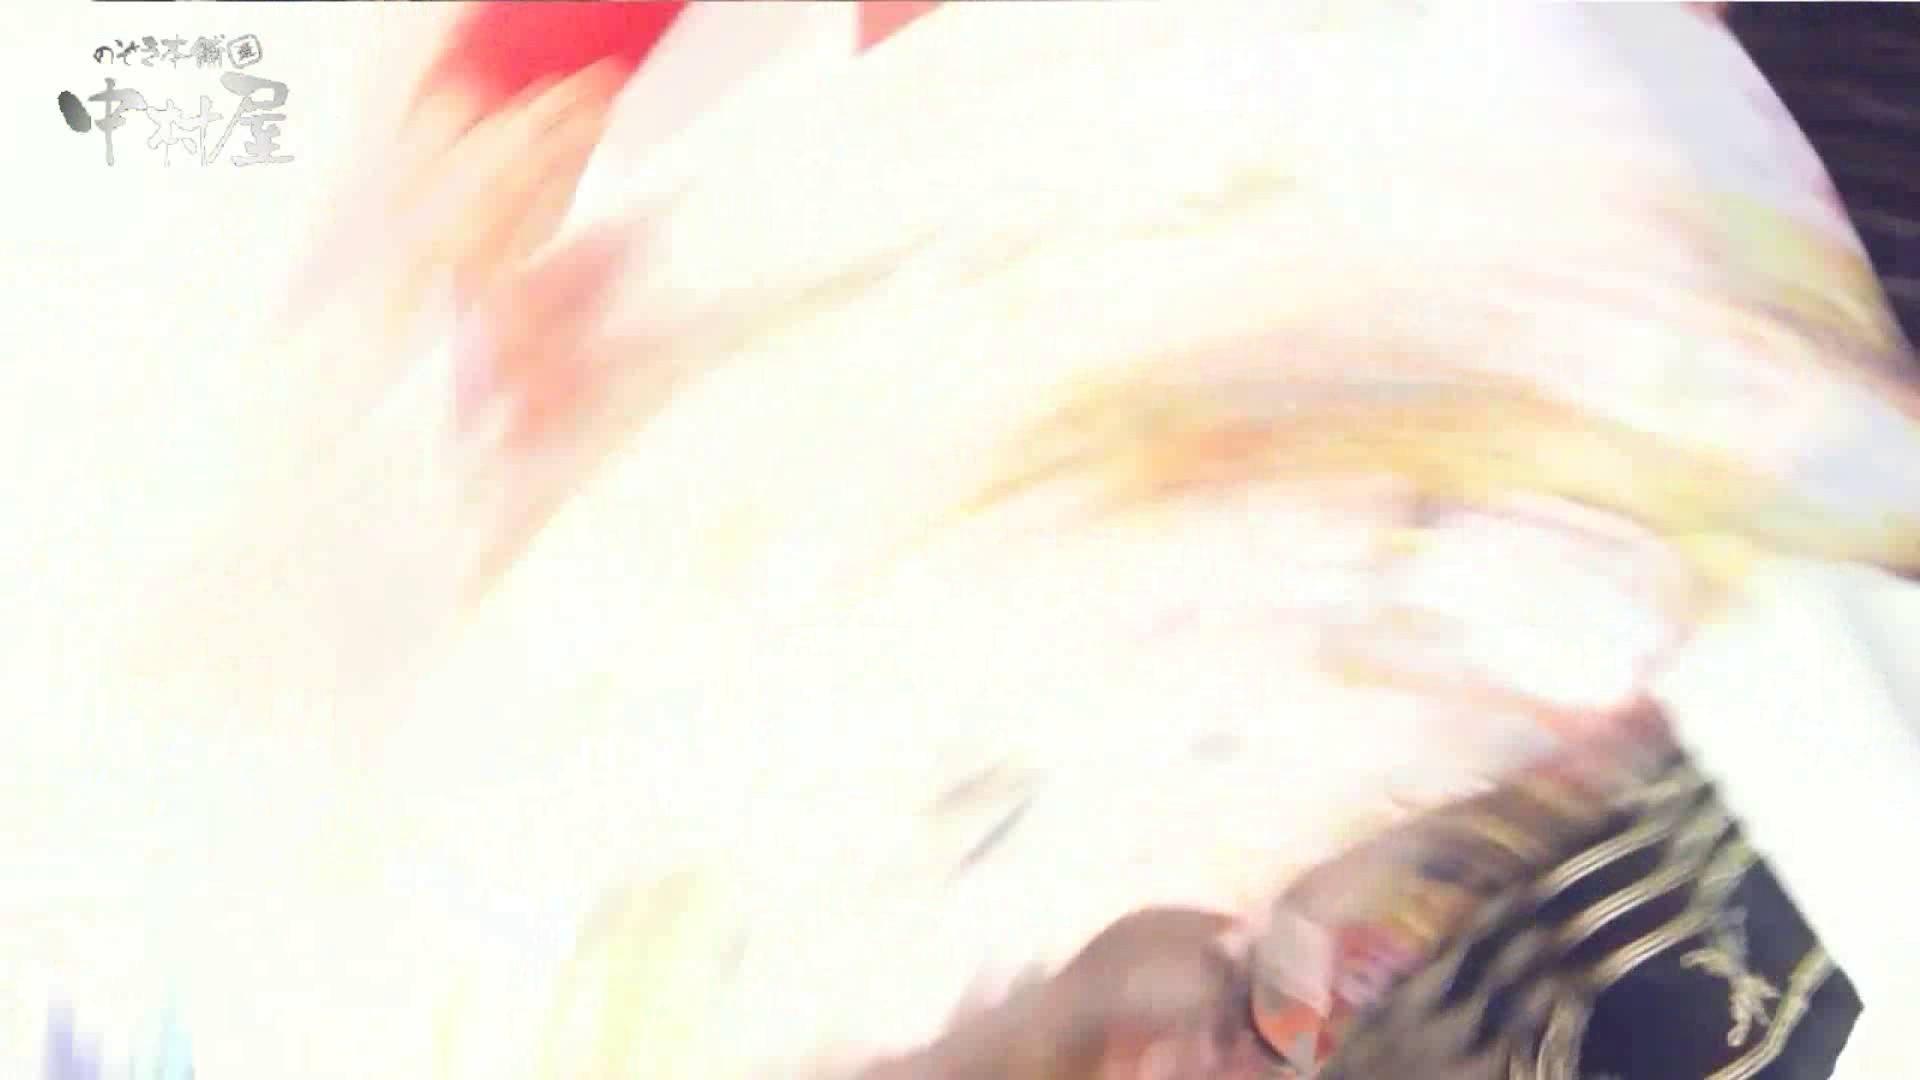 vol.82 美人アパレル胸チラ&パンチラ チラ豊作! チラ 女性器鑑賞 108pic 83